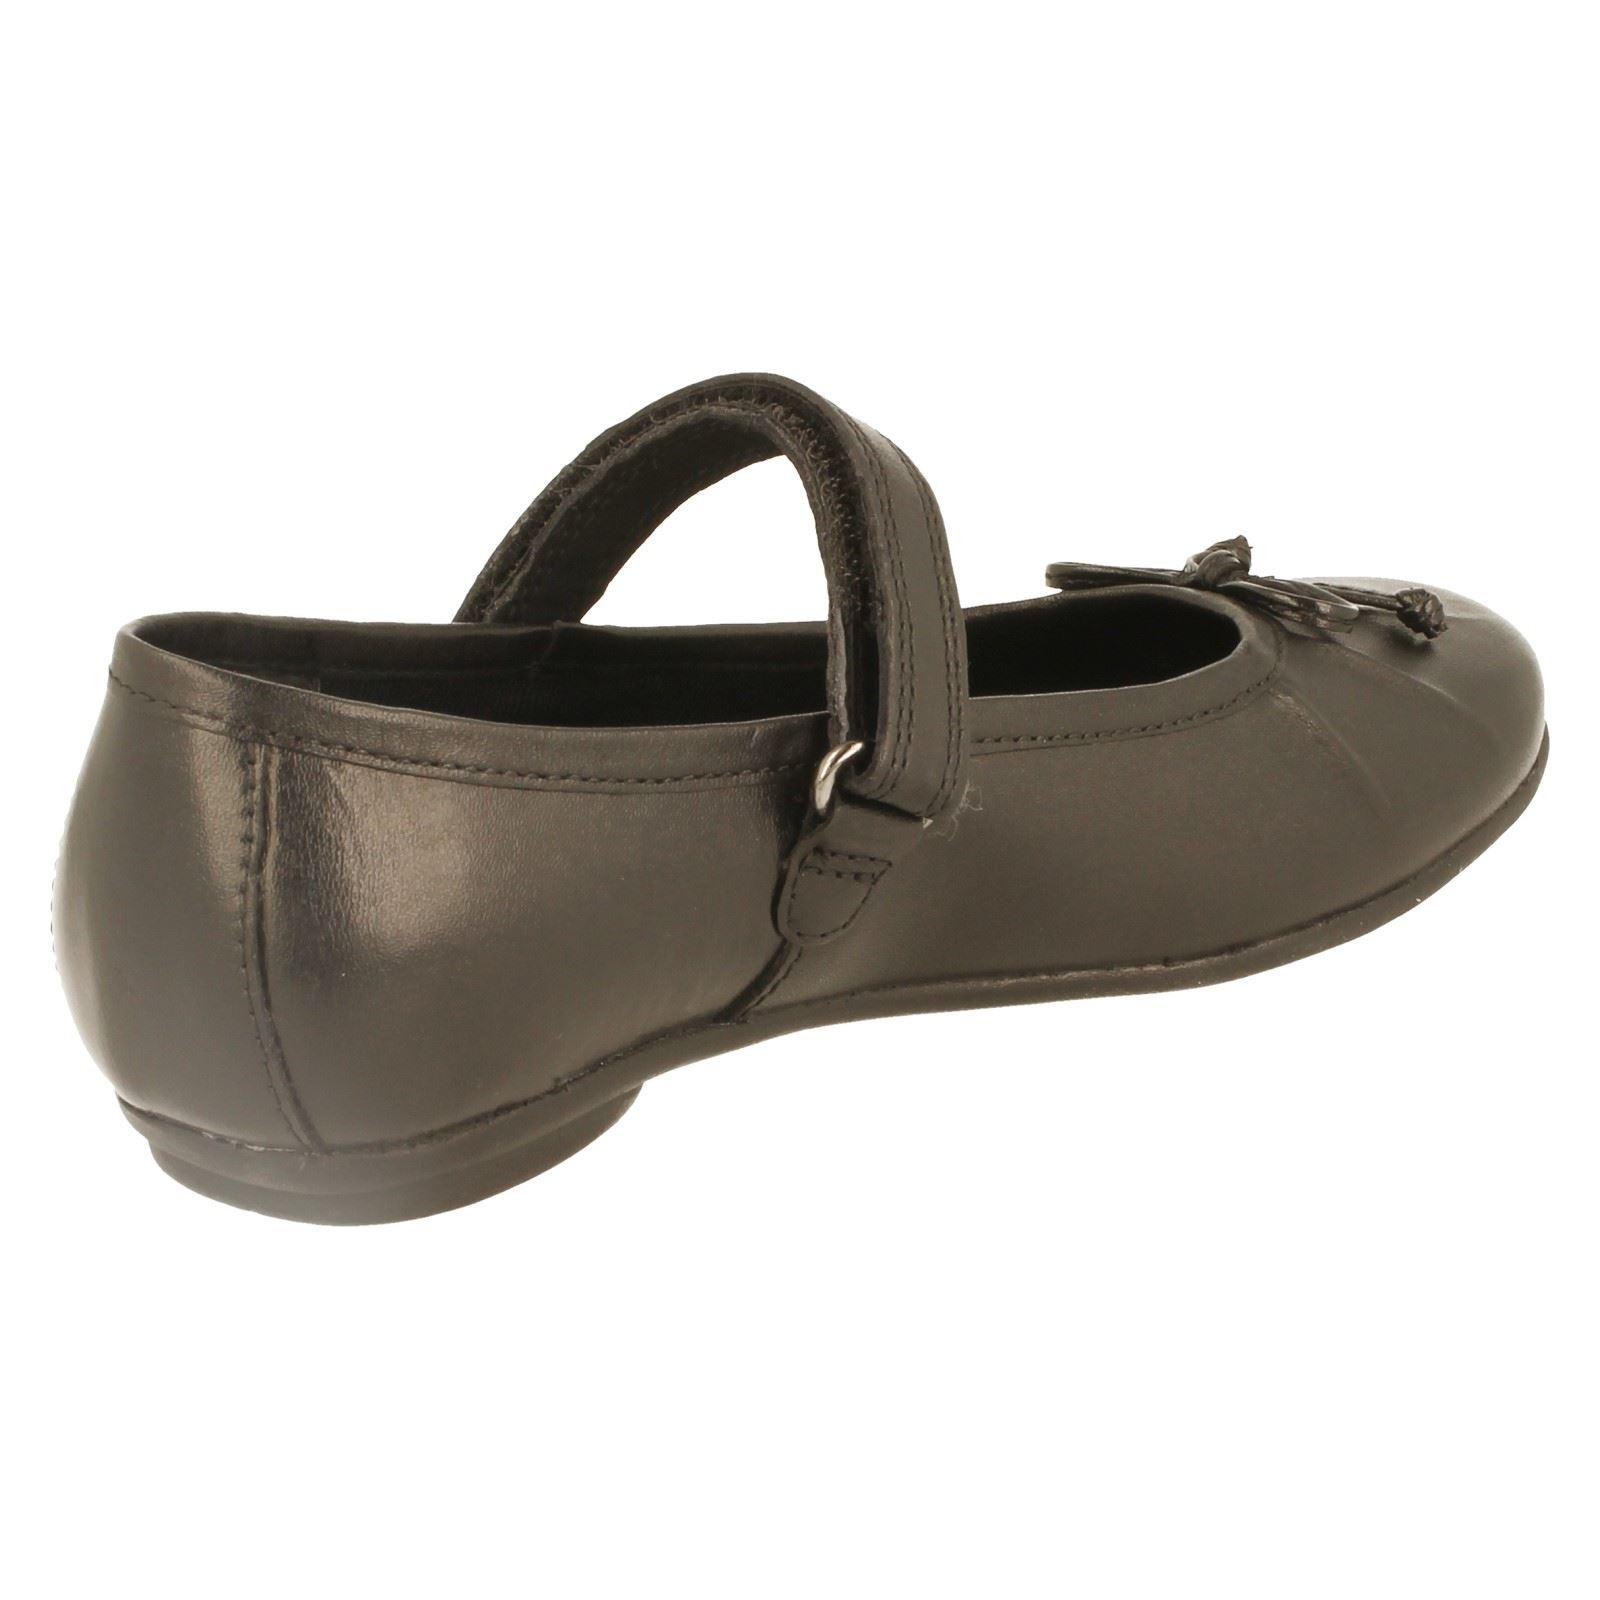 Girls Clarks School/Formal Shoes - Tasha Ally